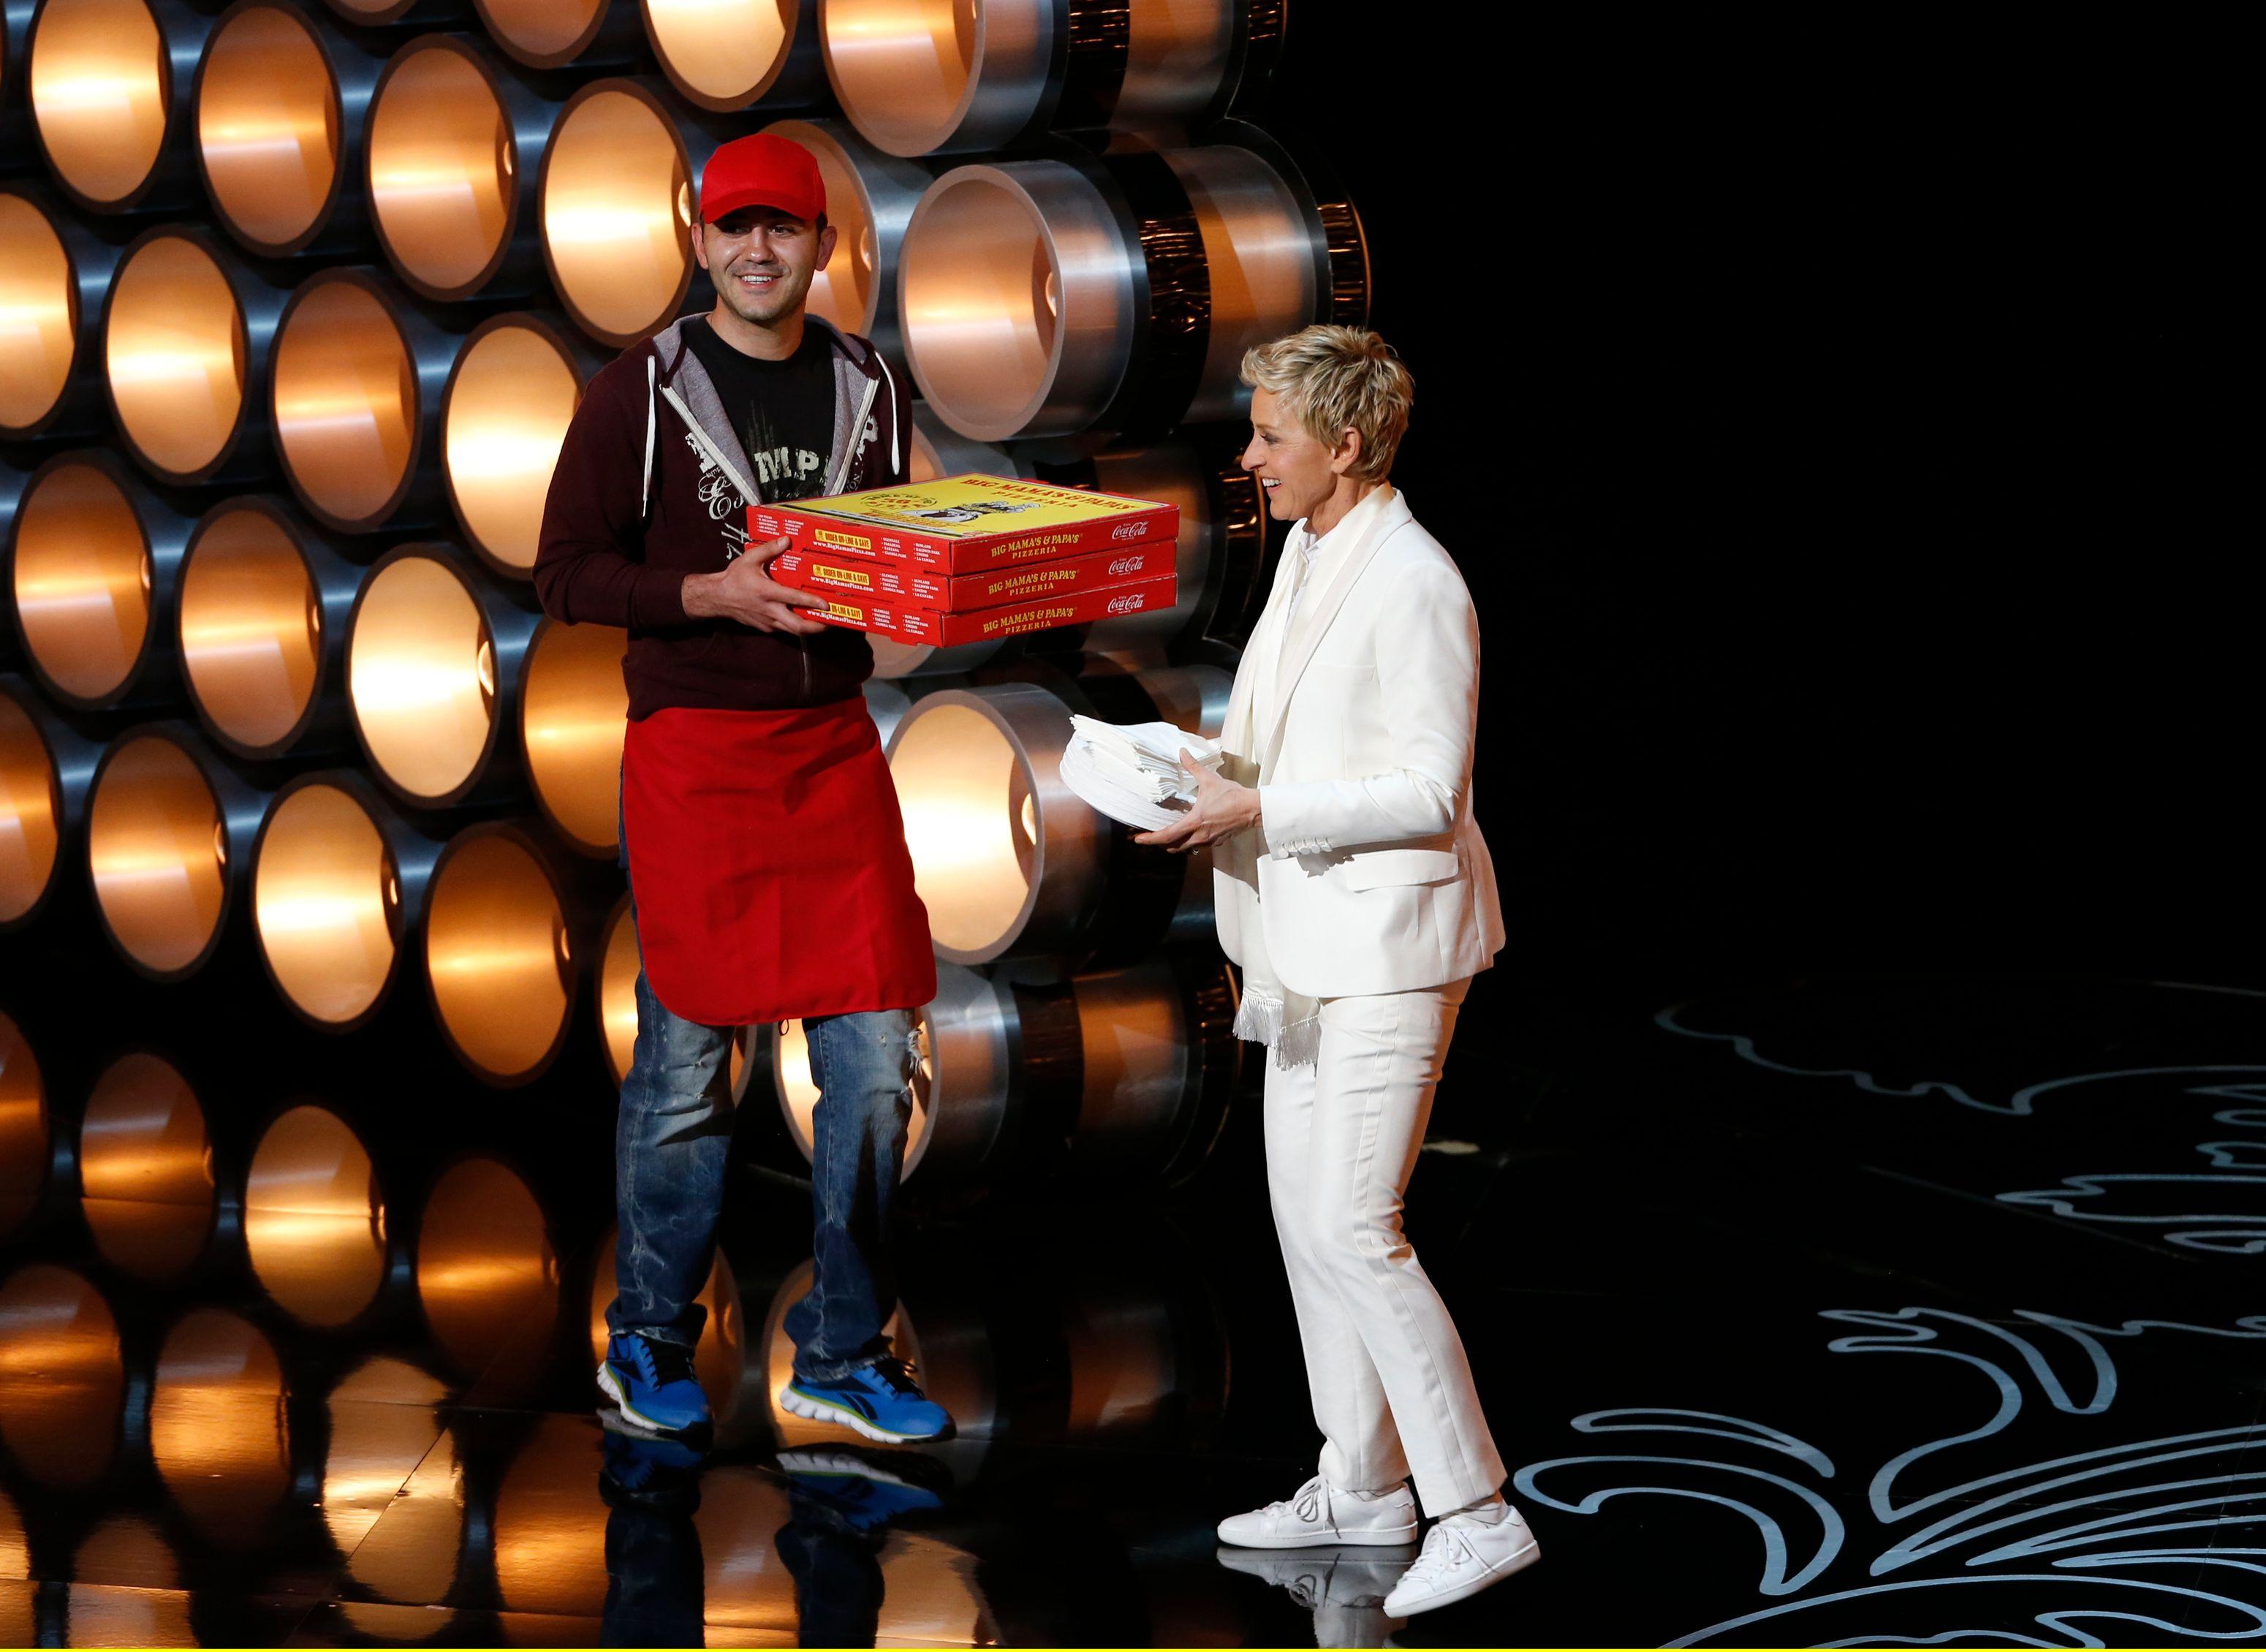 Le livreur de pizzas a gagné un joli pourboire